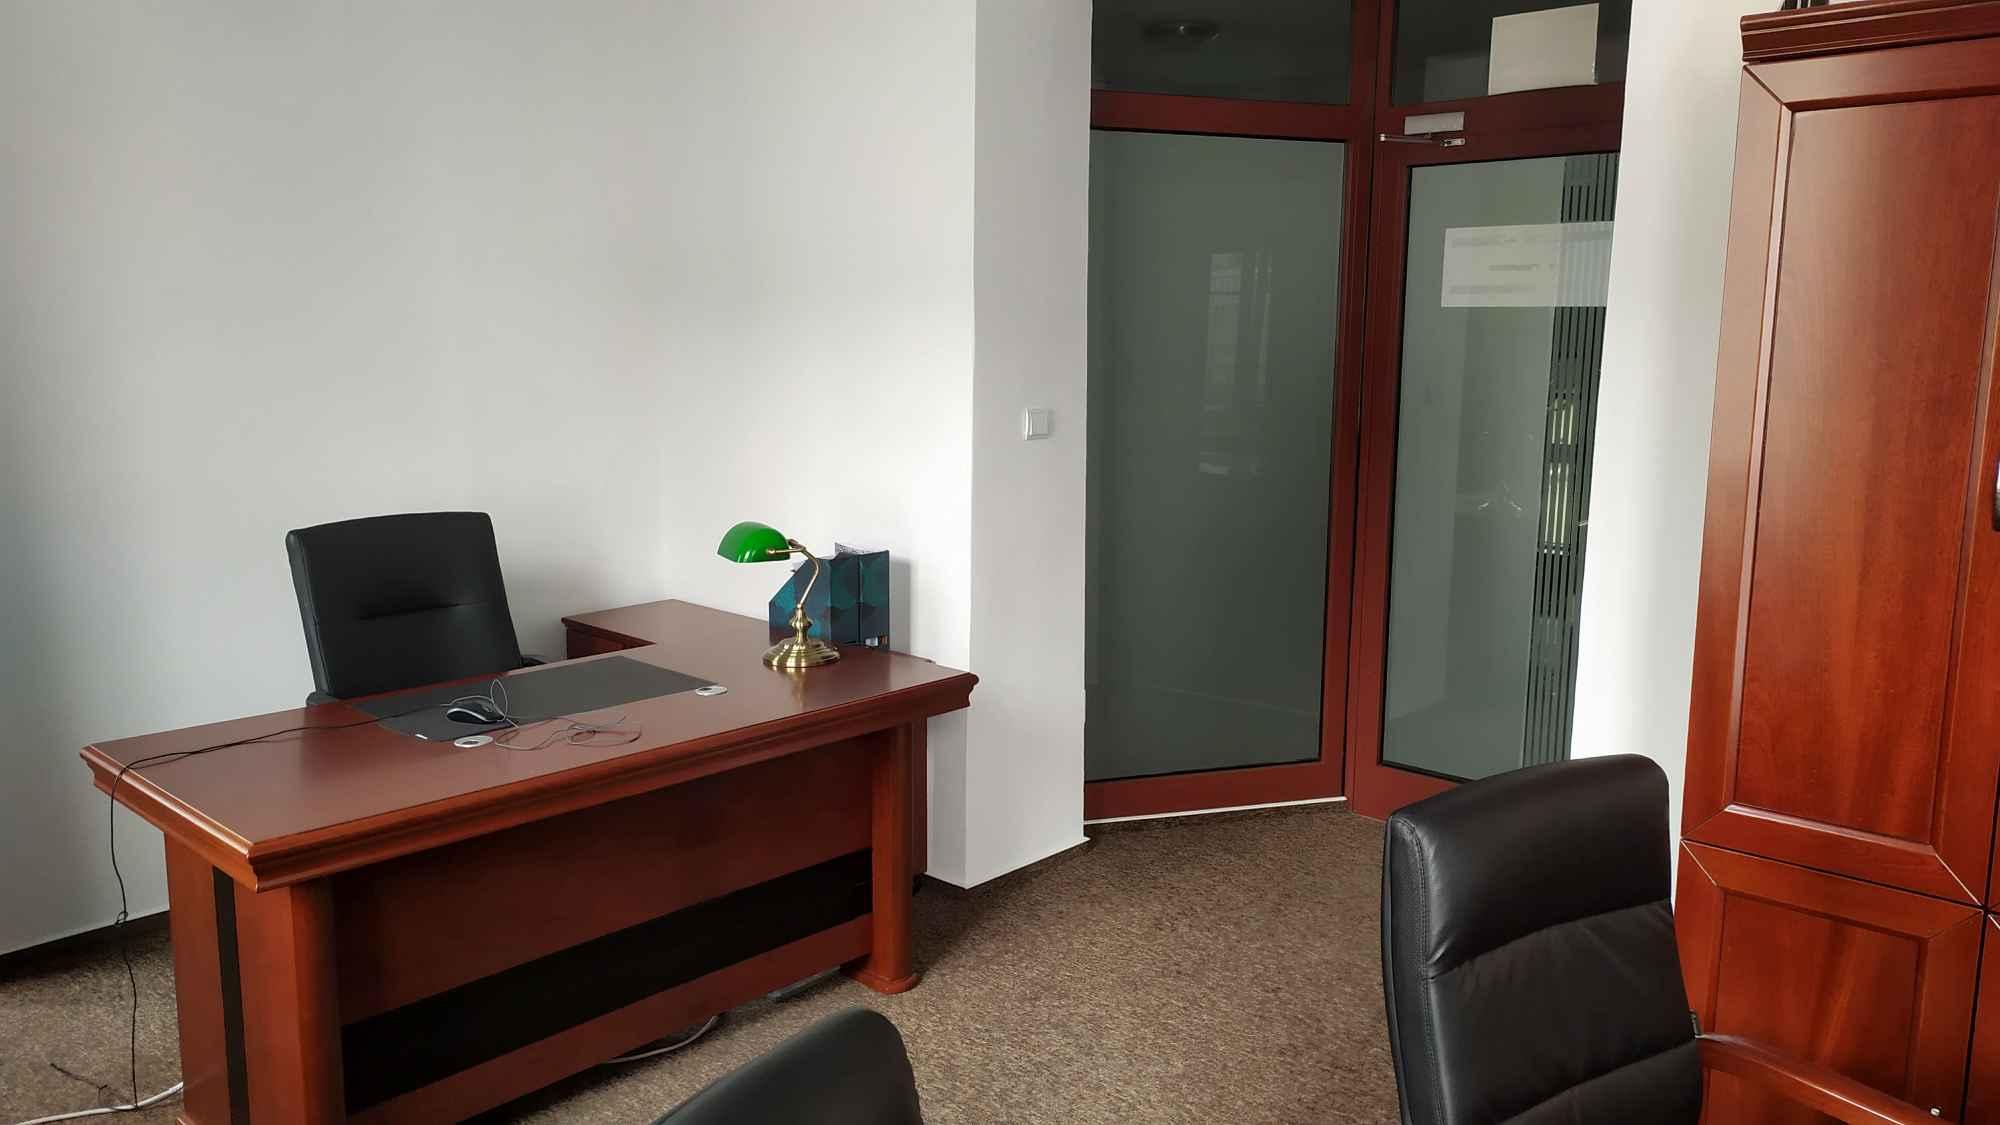 Lokal biurowy do wynajęcia - ul. Świętokrzyska 14, Warszawa Śródmieście - zdjęcie 6